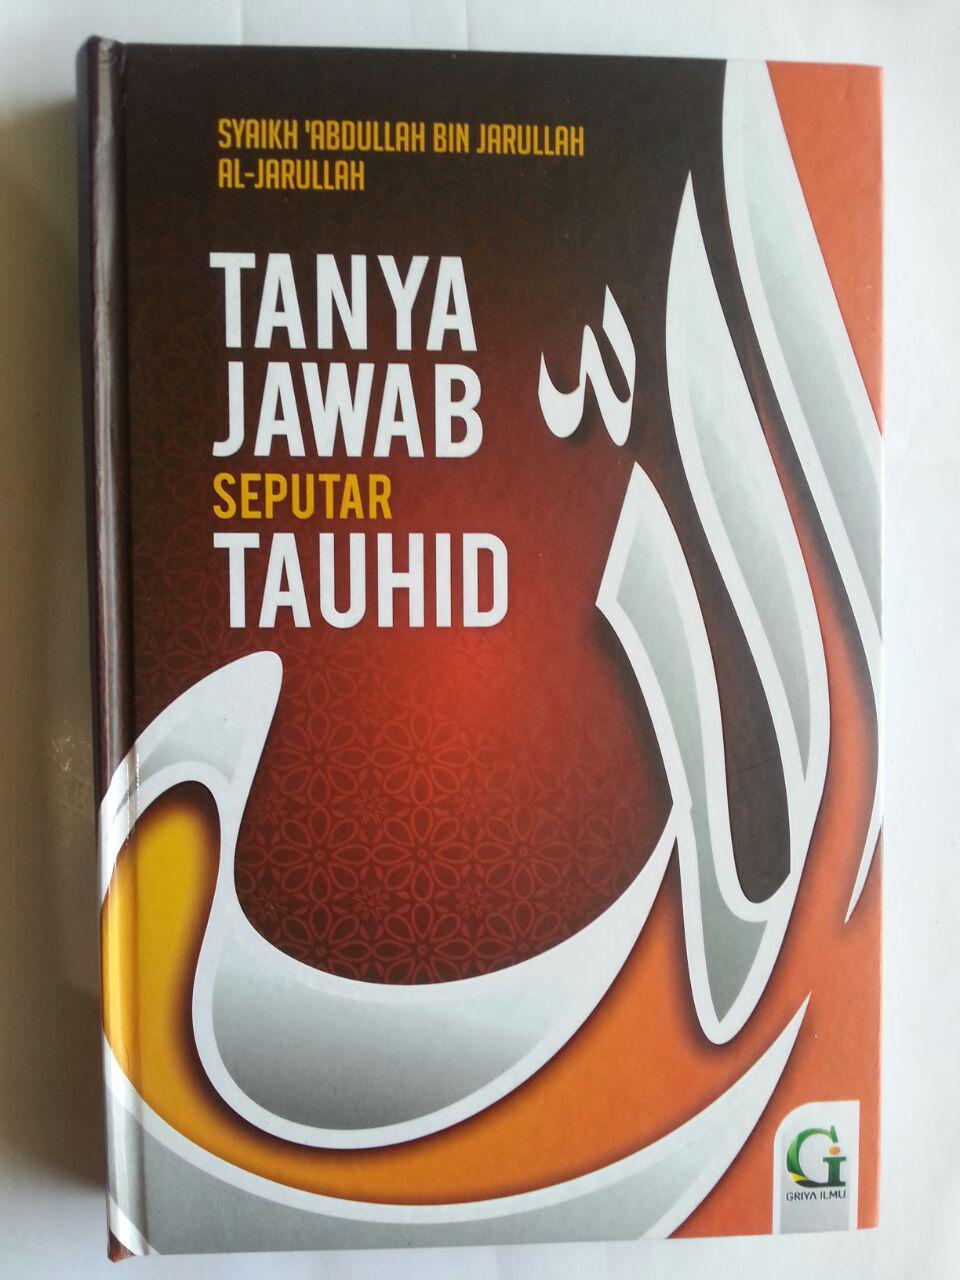 Buku Tanya Jawab Seputar Tauhid cover 2